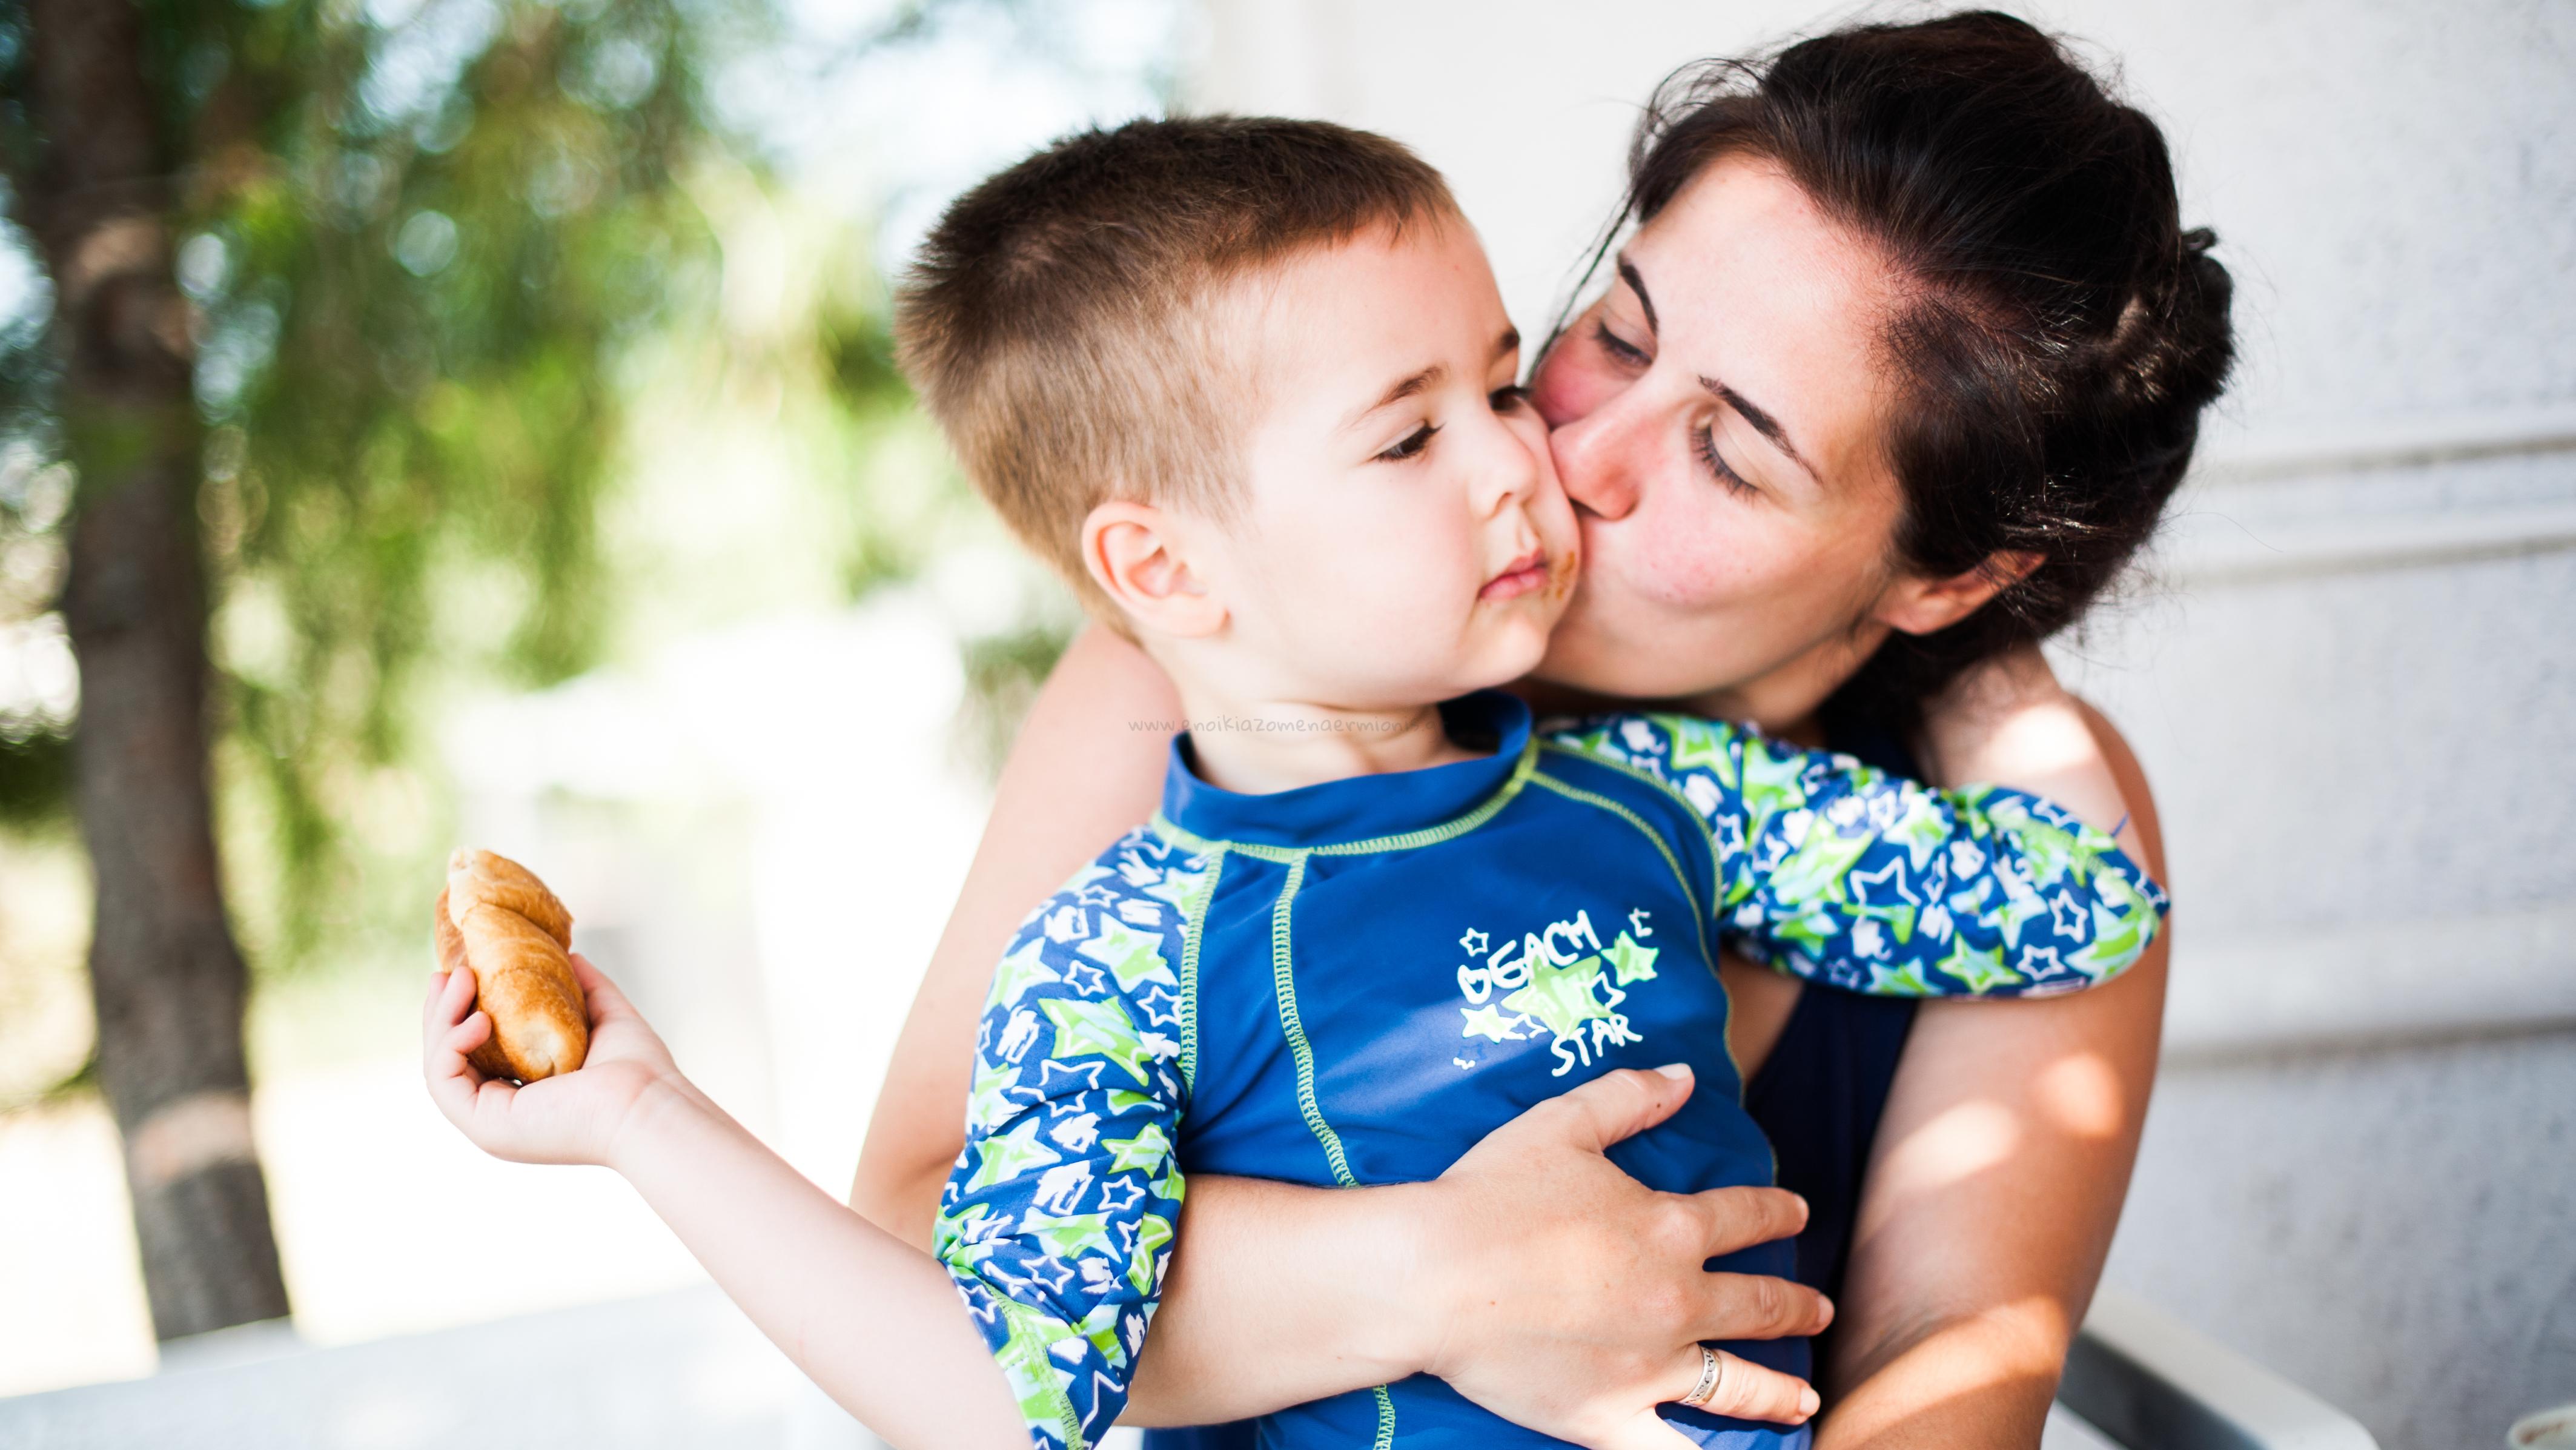 Μάνα αγκαλιά με το γιο της